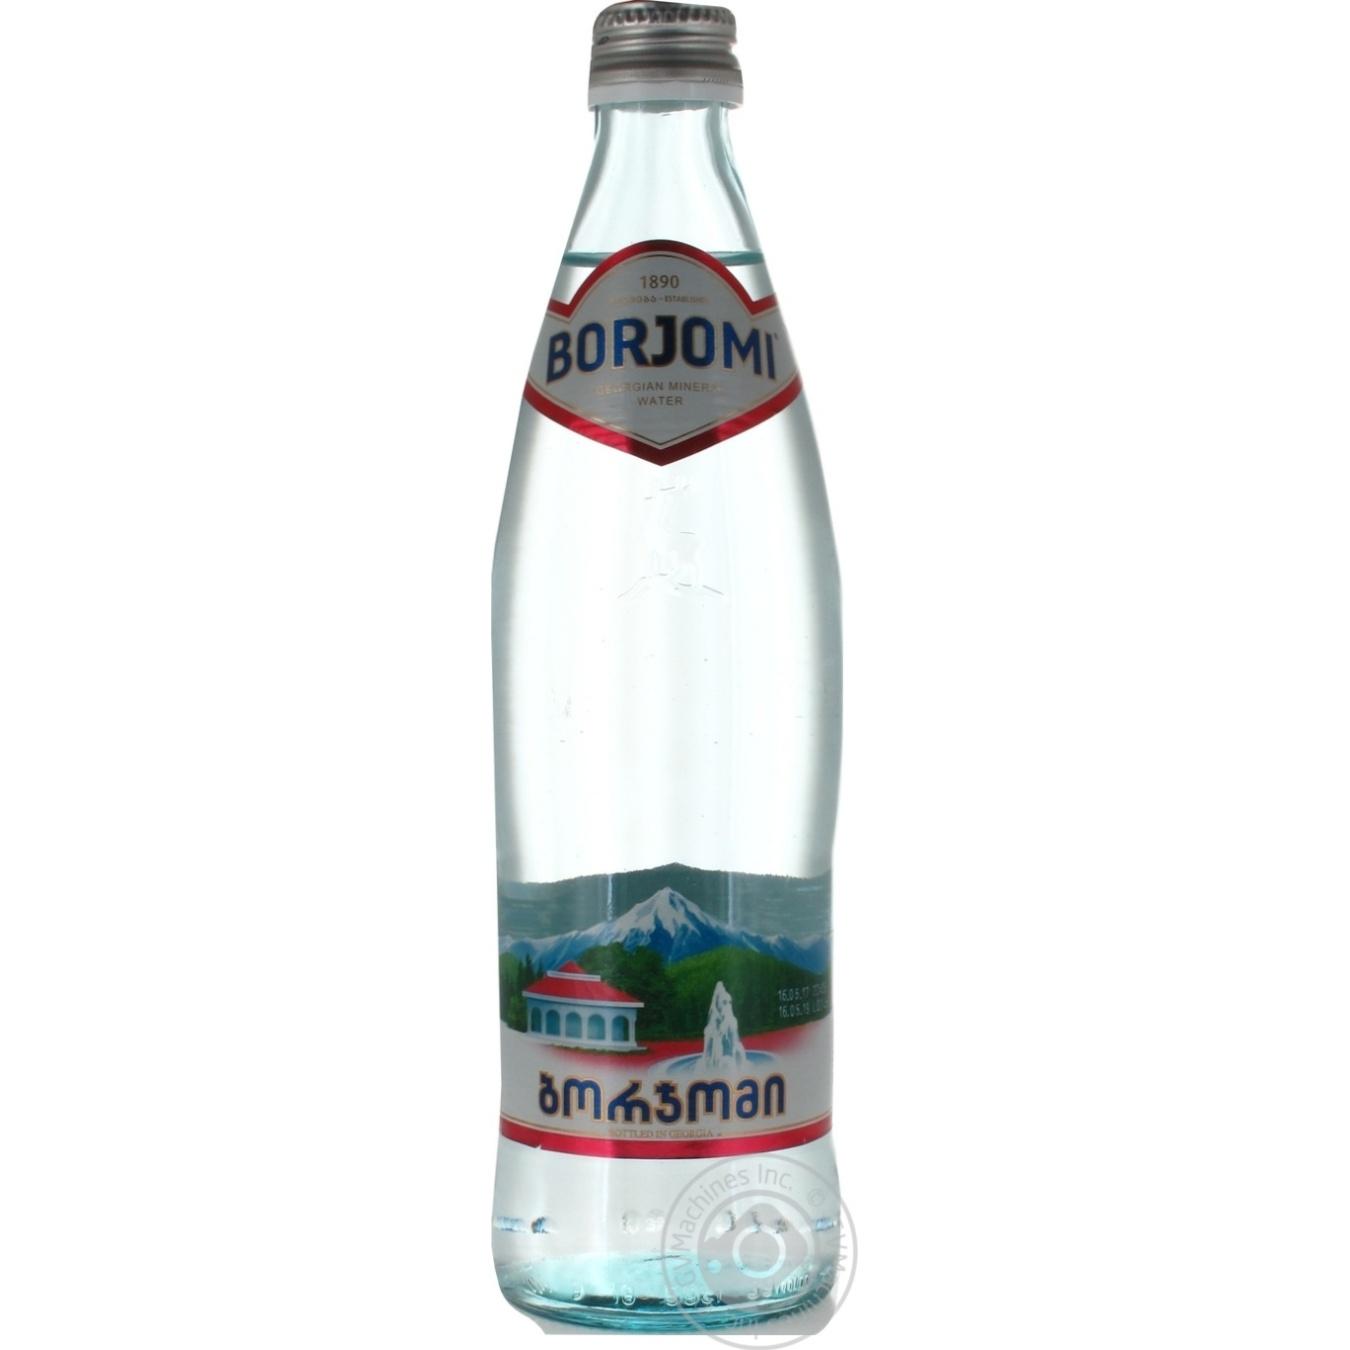 Вода Borjomi сильногазированная лечебно-столовая 500мл